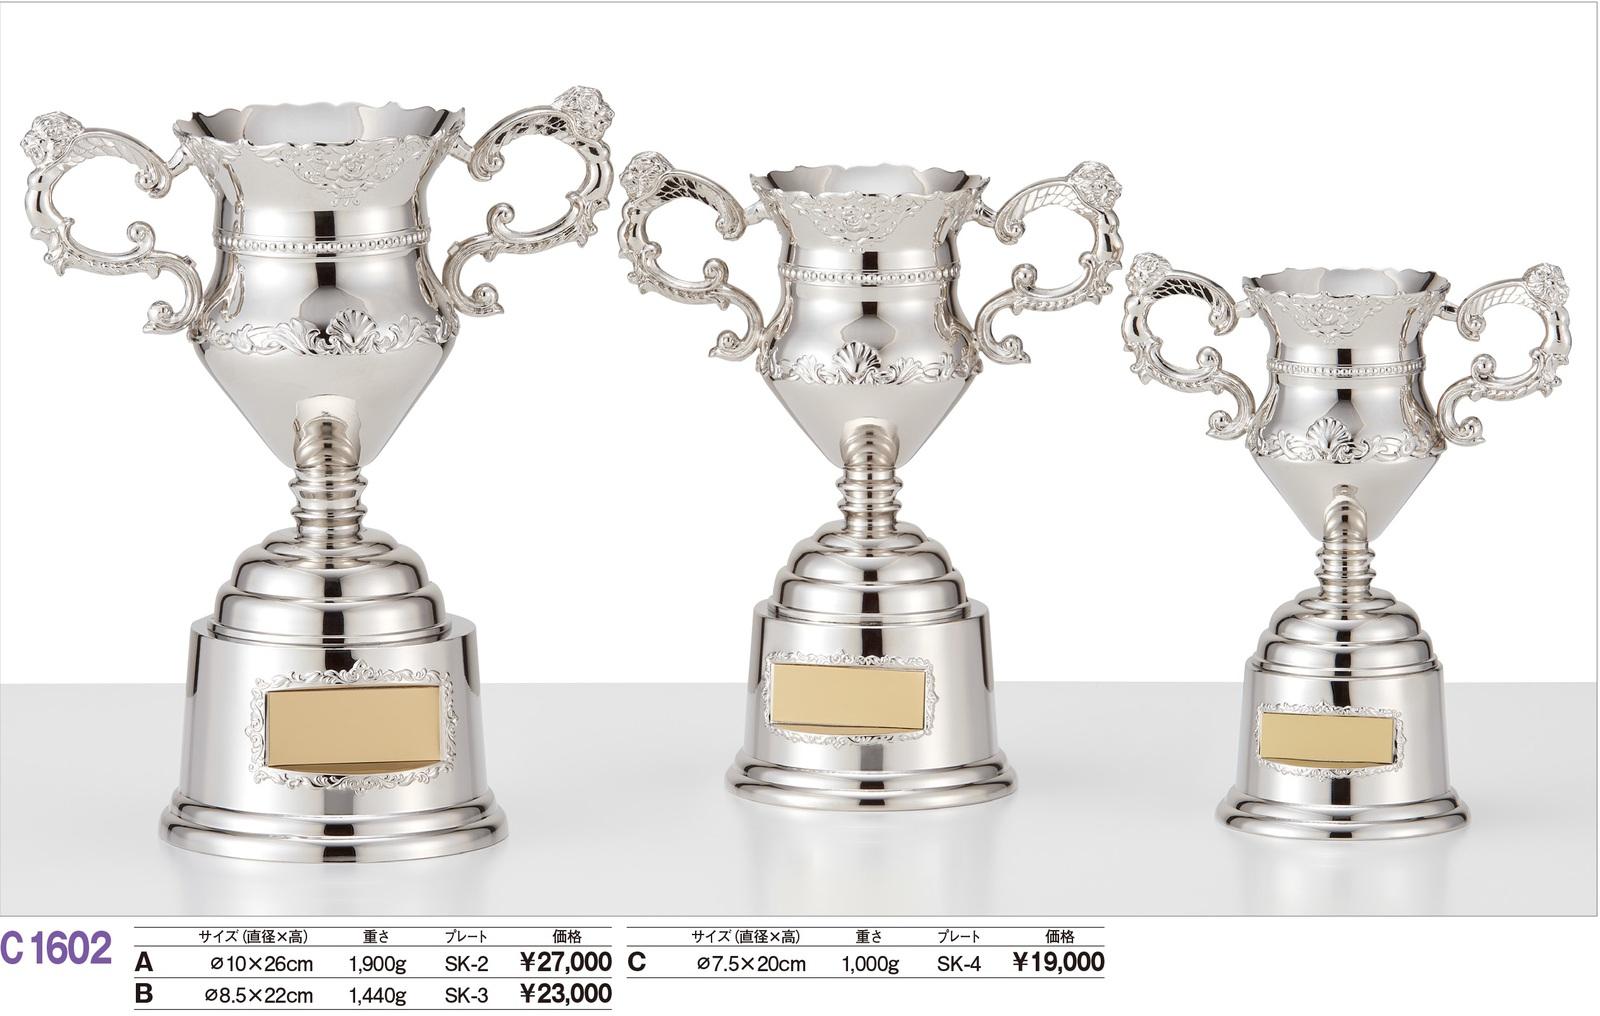 アレキサンダーカップ C1602C/SK-4